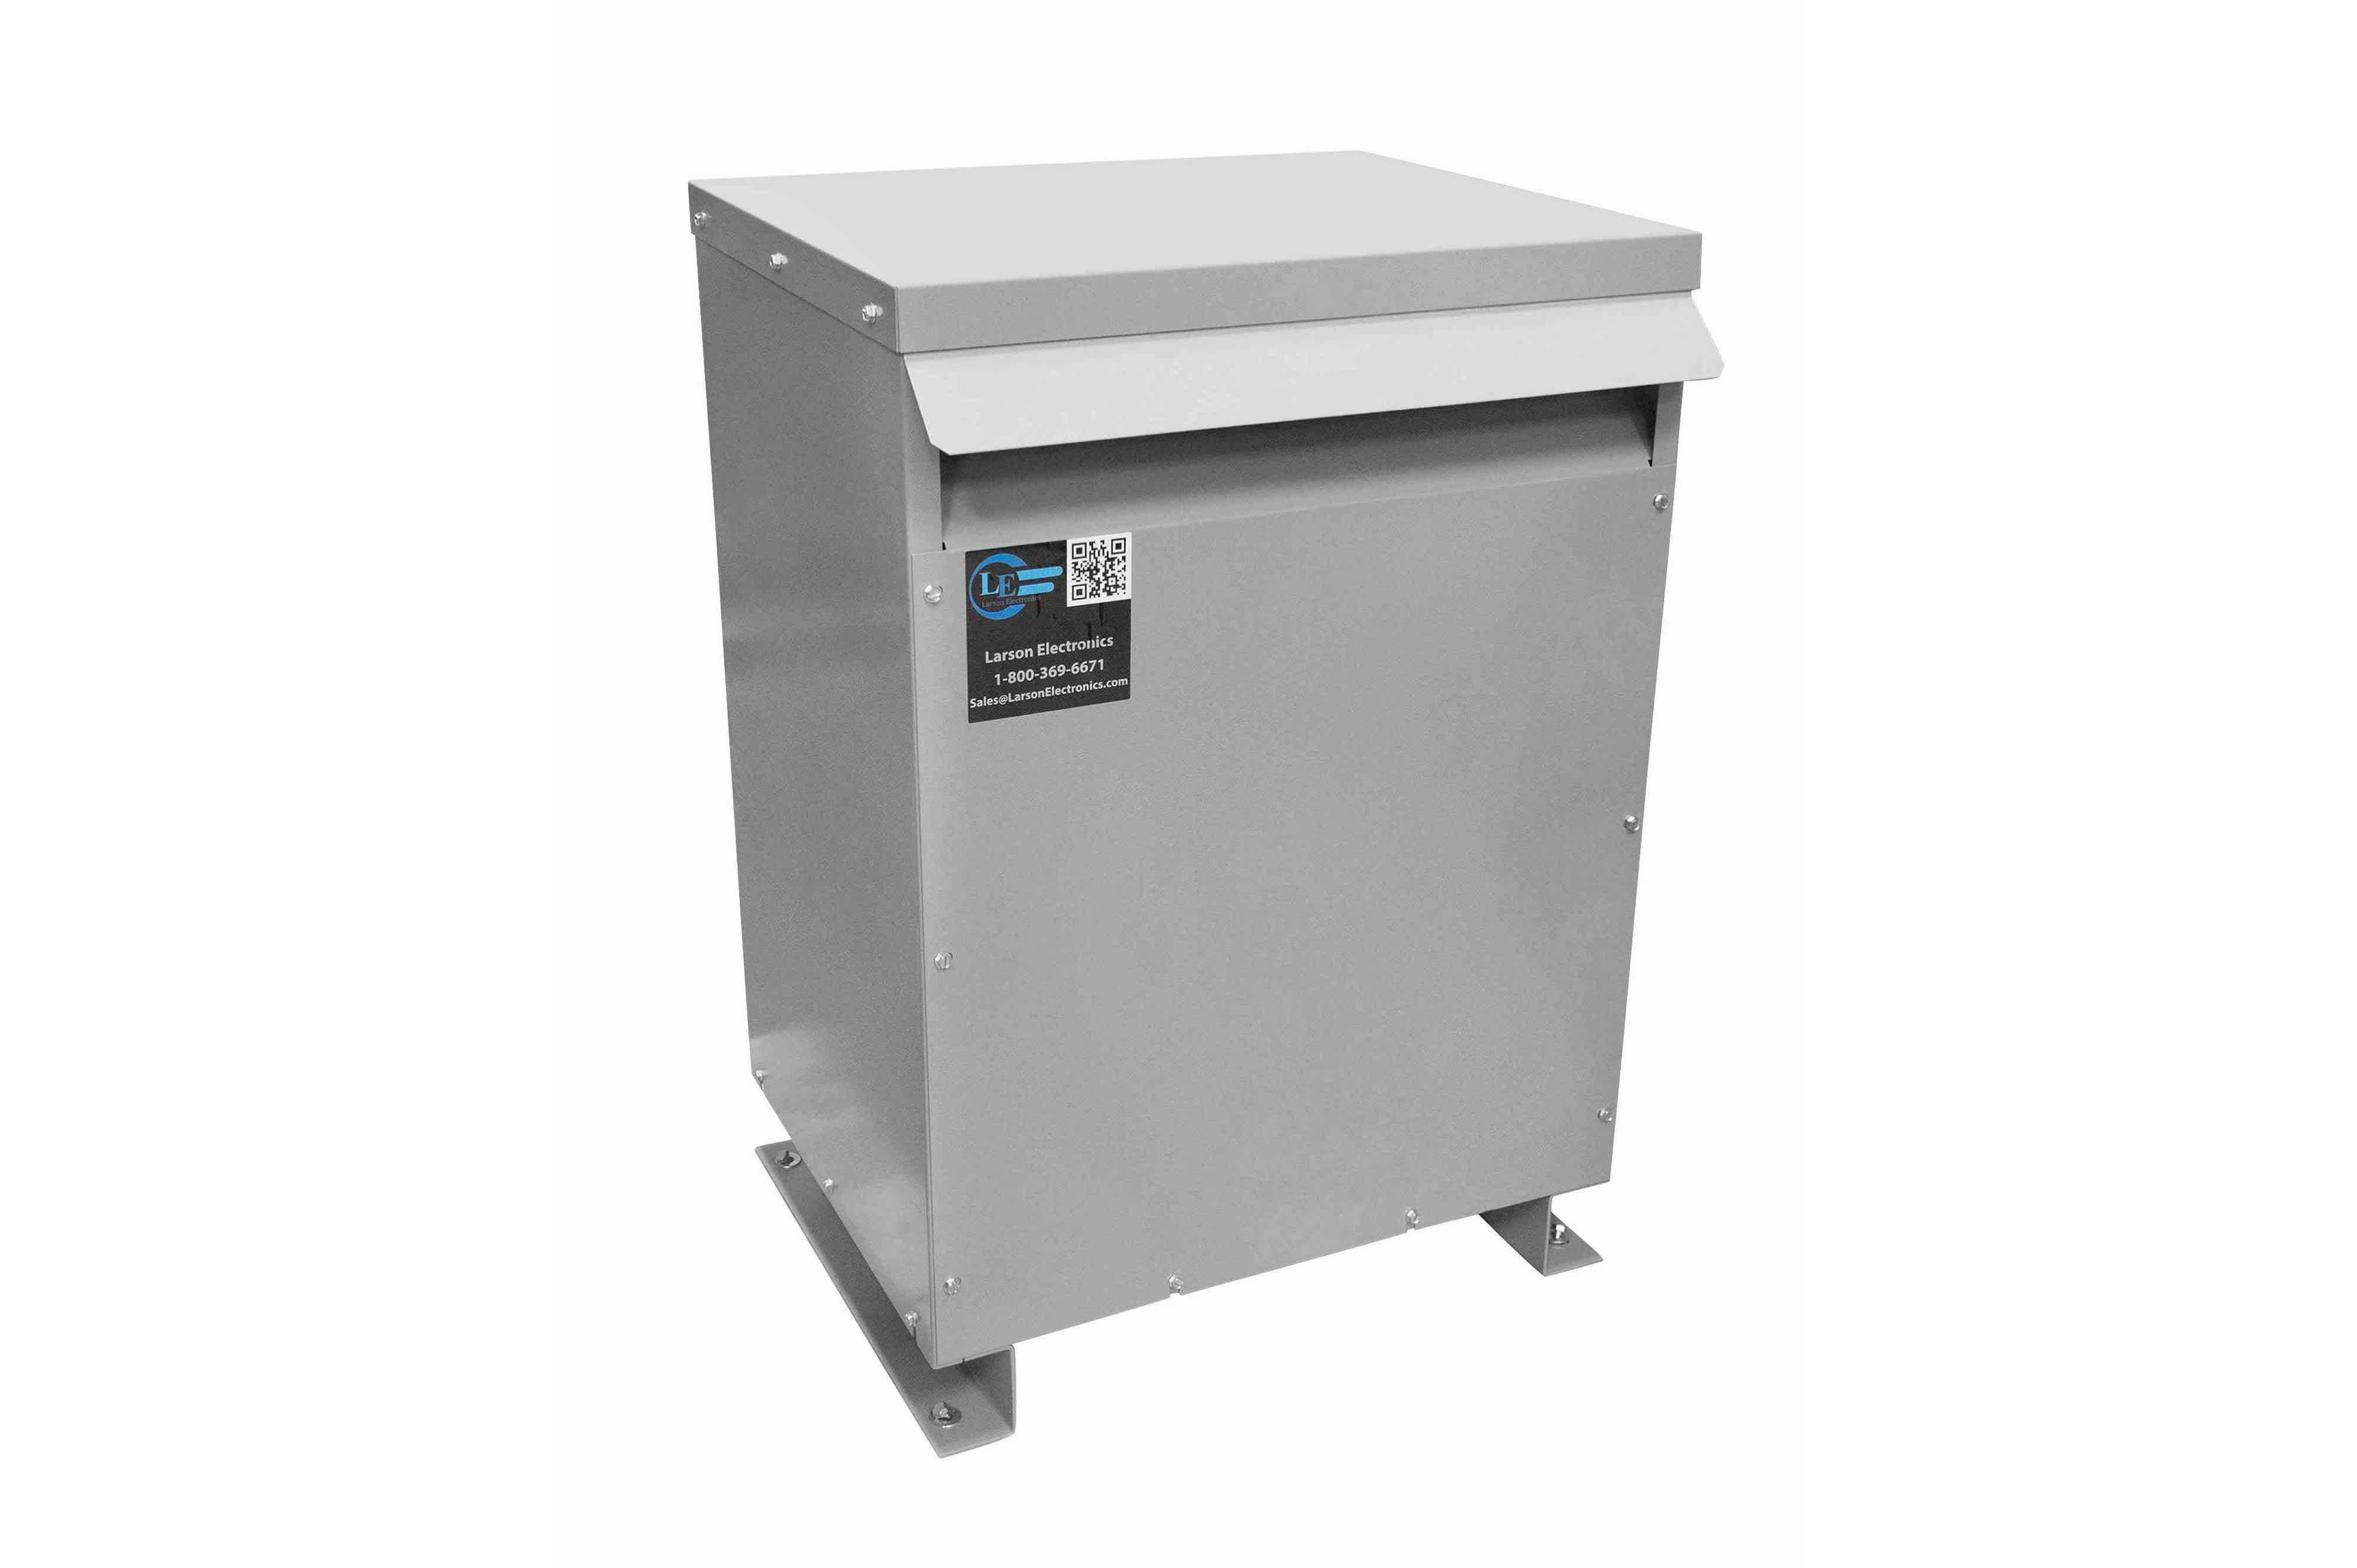 300 kVA 3PH Isolation Transformer, 208V Delta Primary, 380V Delta Secondary, N3R, Ventilated, 60 Hz